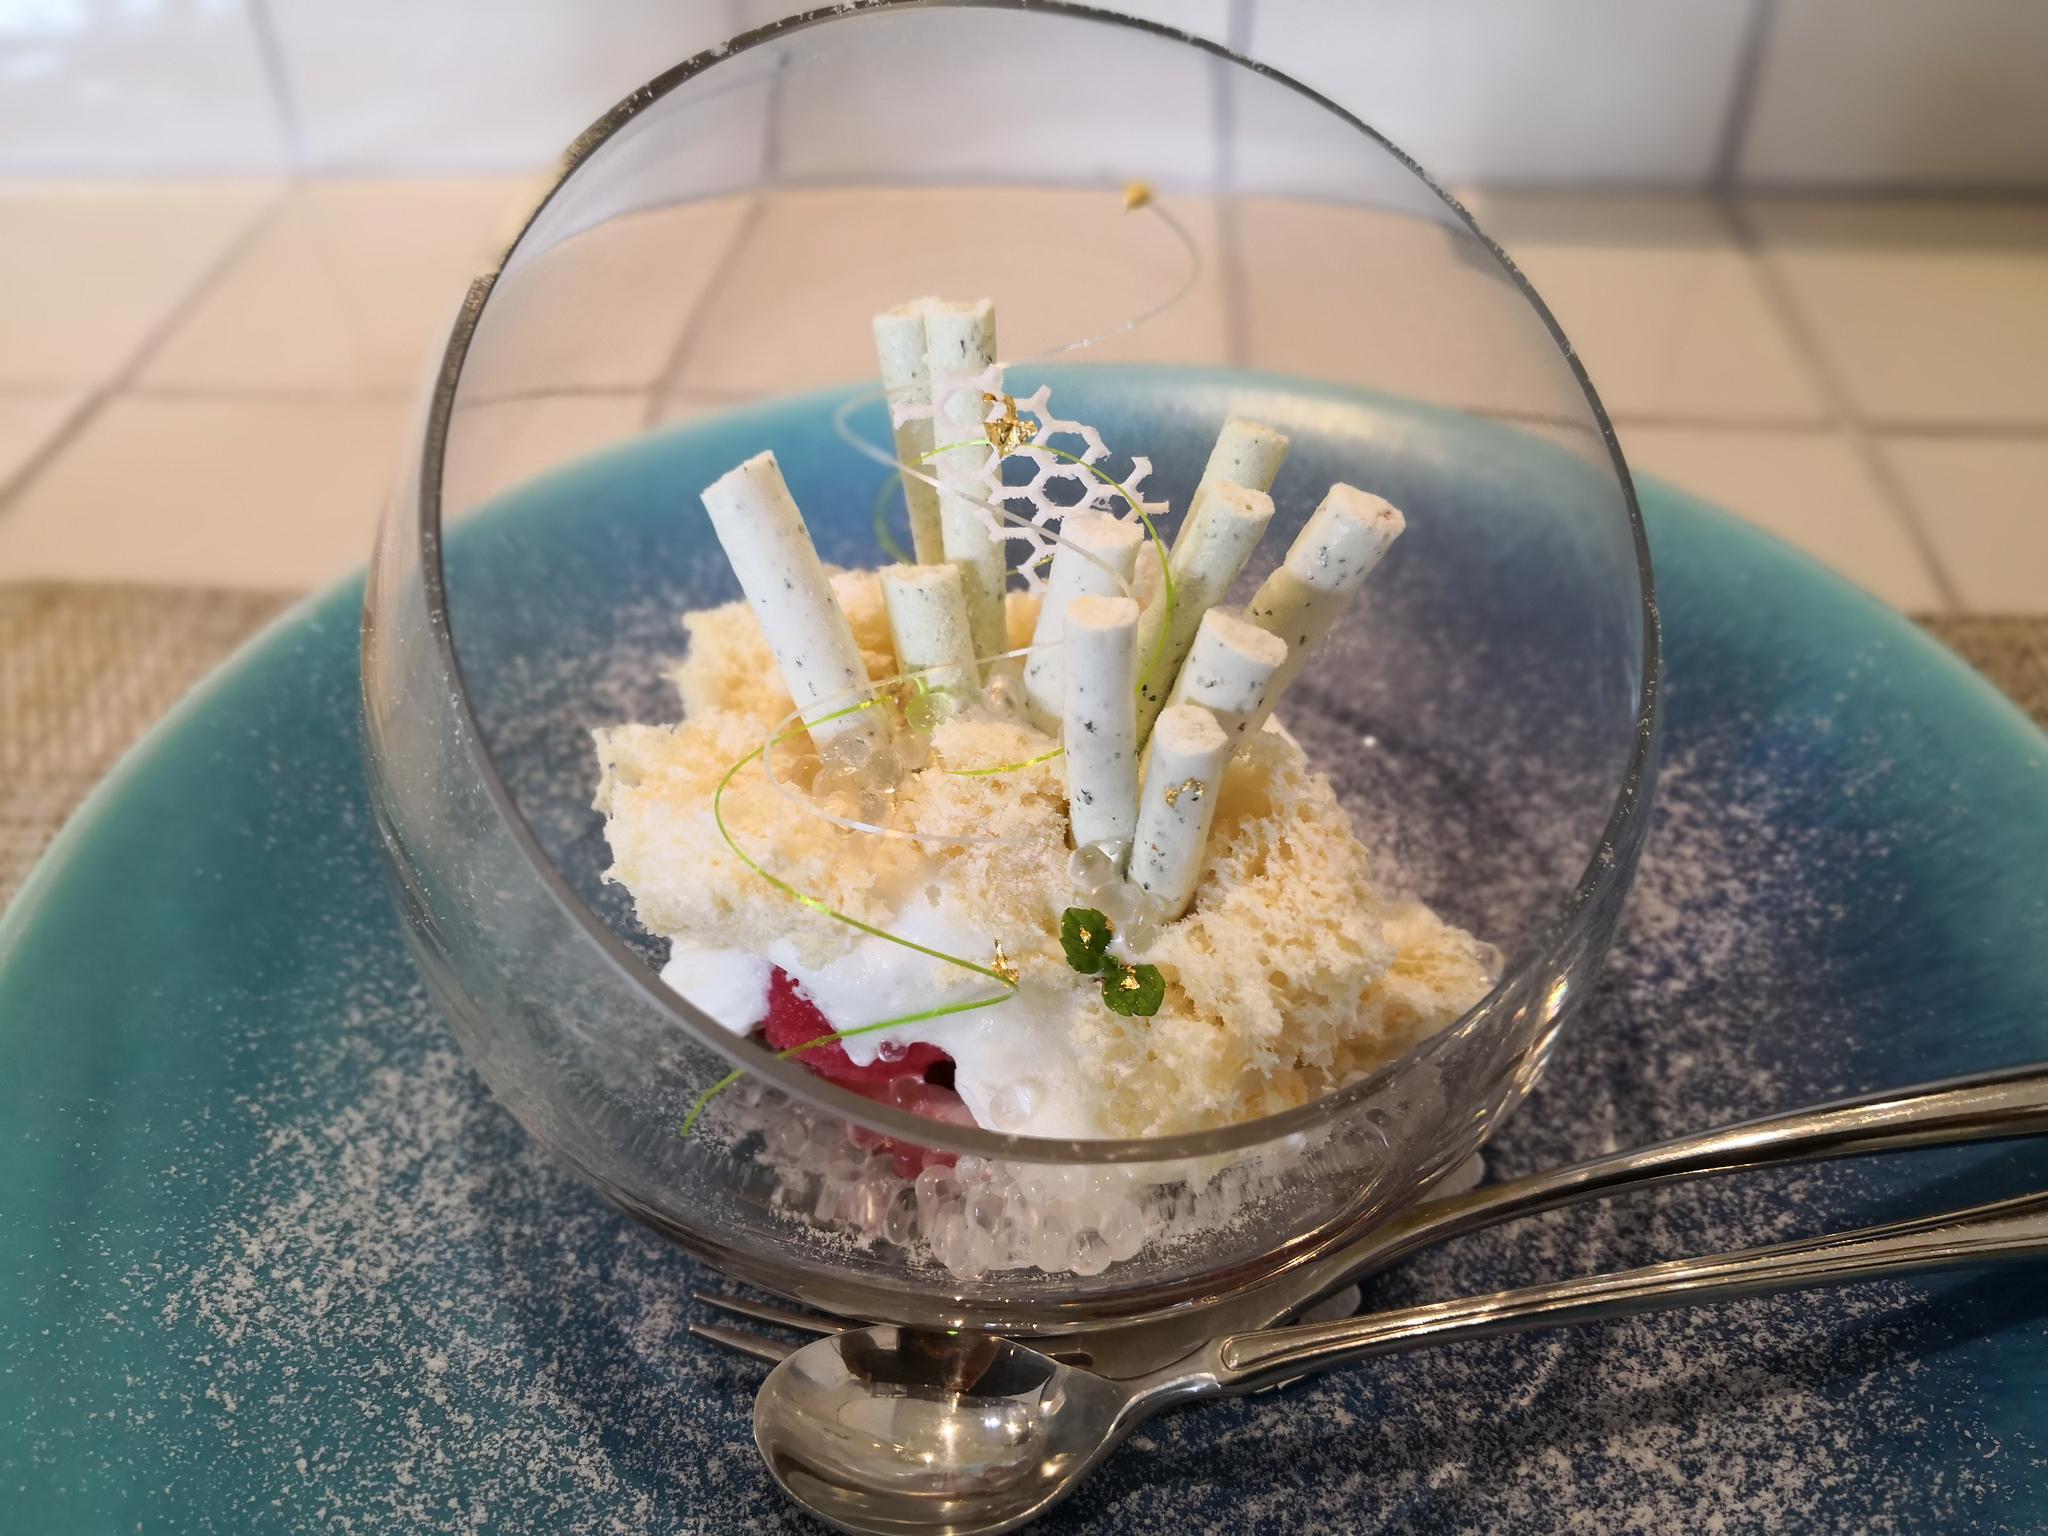 【逗子】デザートカフェ ハチドリ@美しいビジュアルと繊細な味のパフェ。